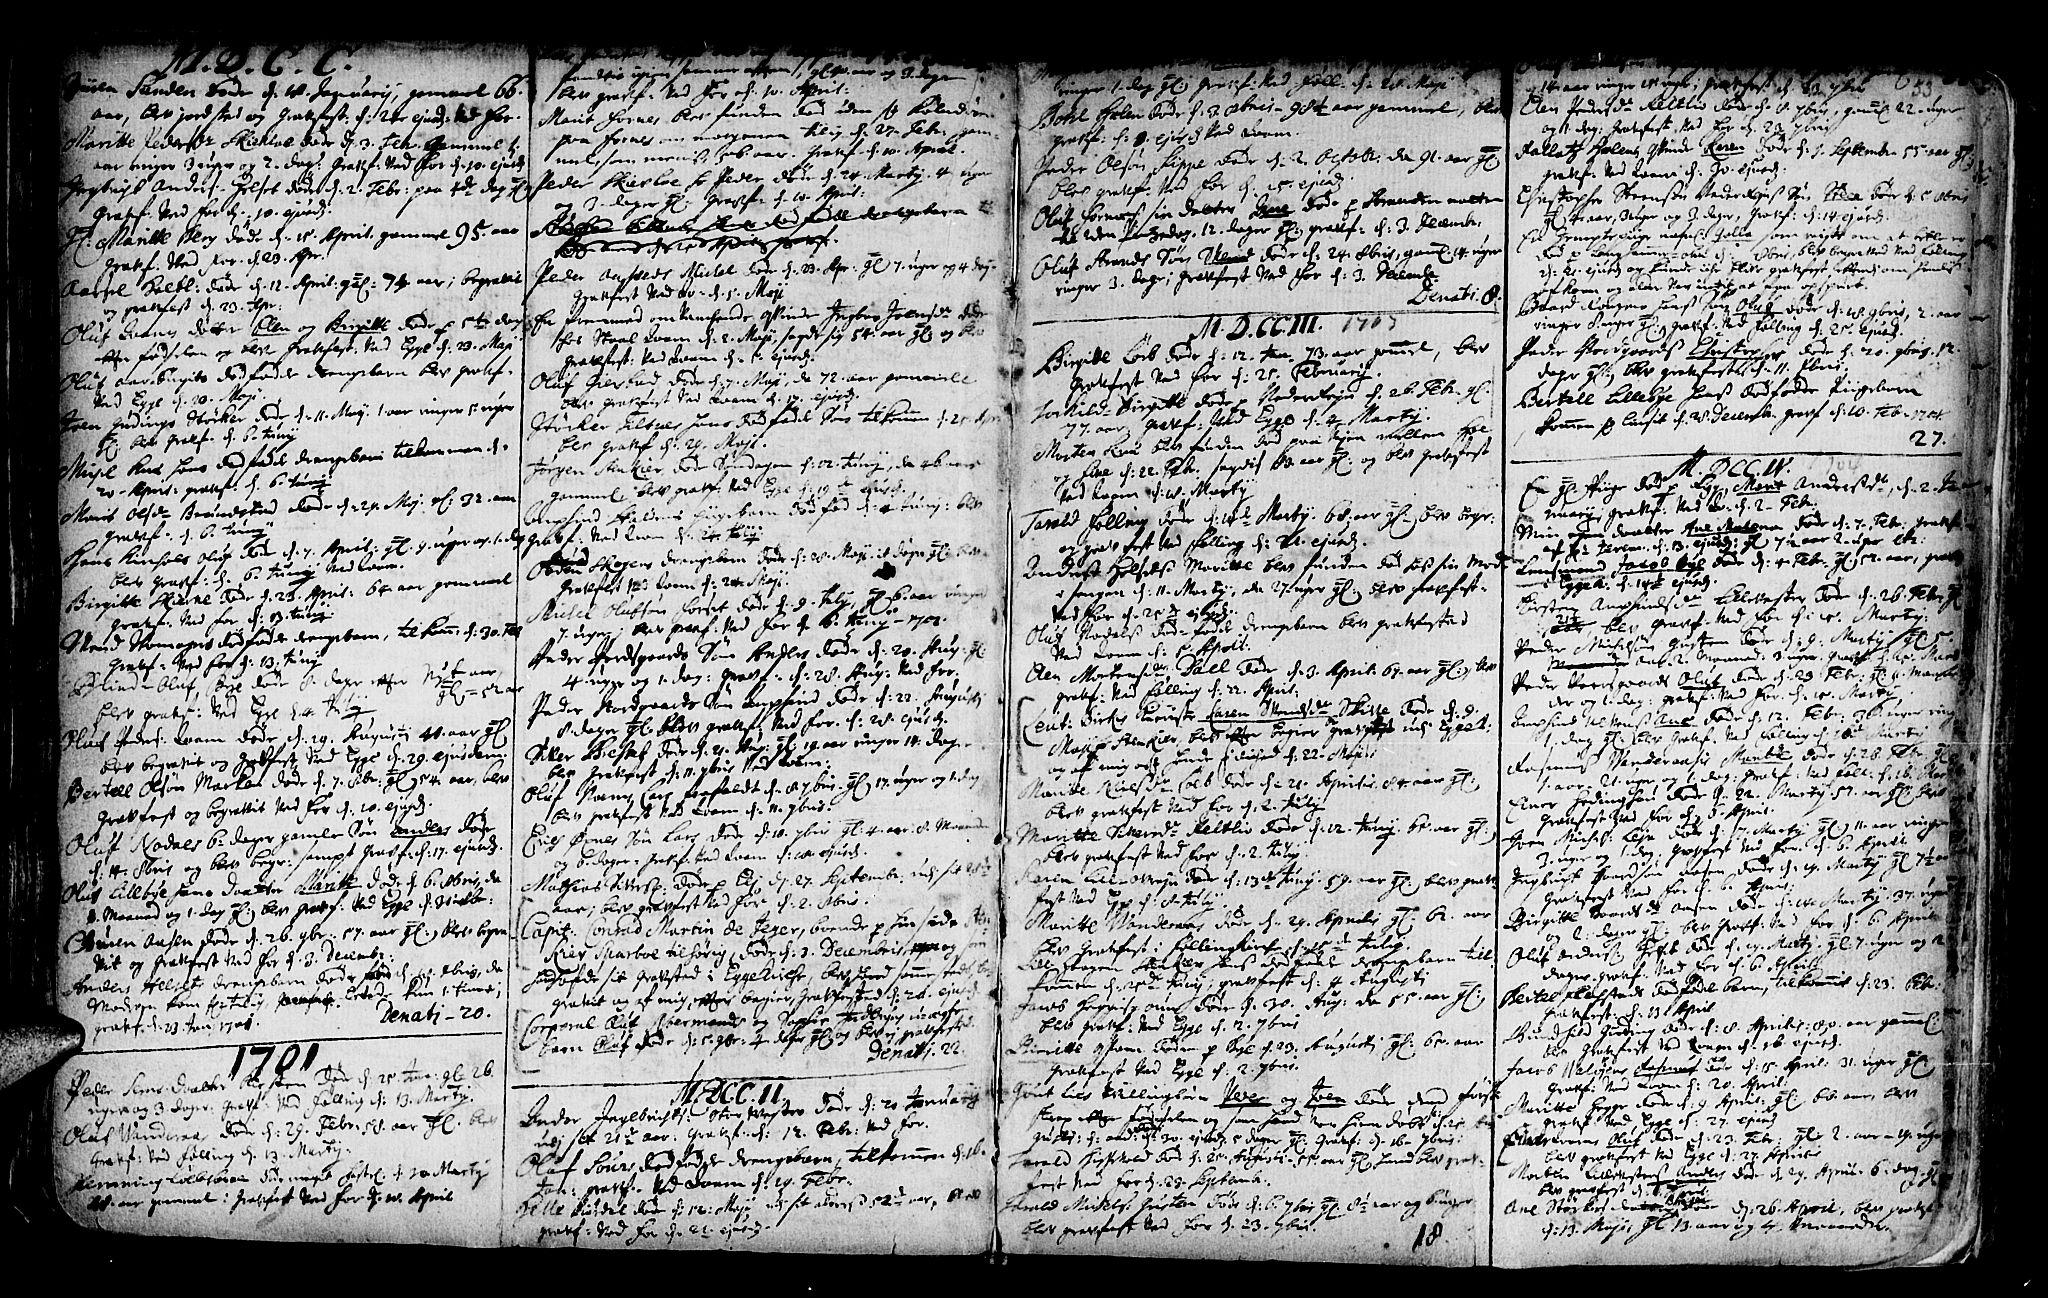 SAT, Ministerialprotokoller, klokkerbøker og fødselsregistre - Nord-Trøndelag, 746/L0439: Ministerialbok nr. 746A01, 1688-1759, s. 53